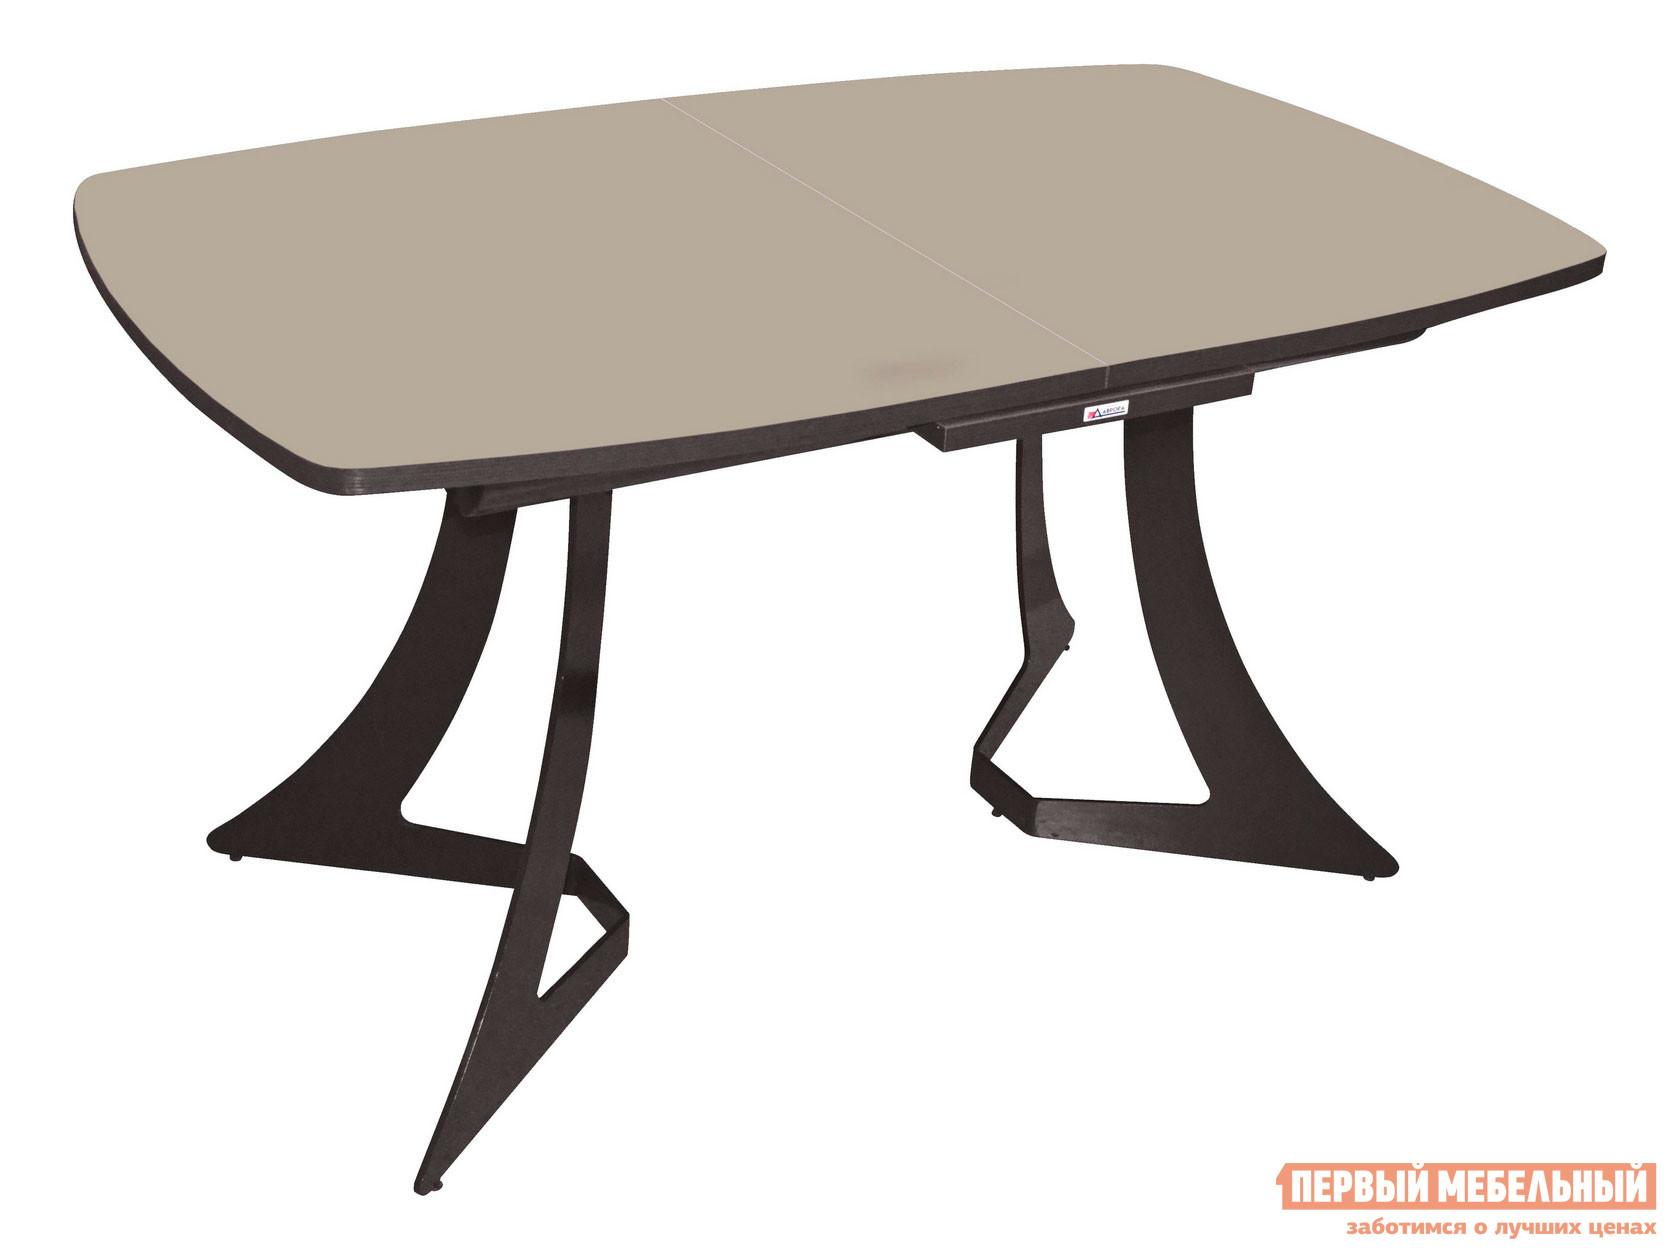 Кухонный стол Линоторг Милан - Стекло